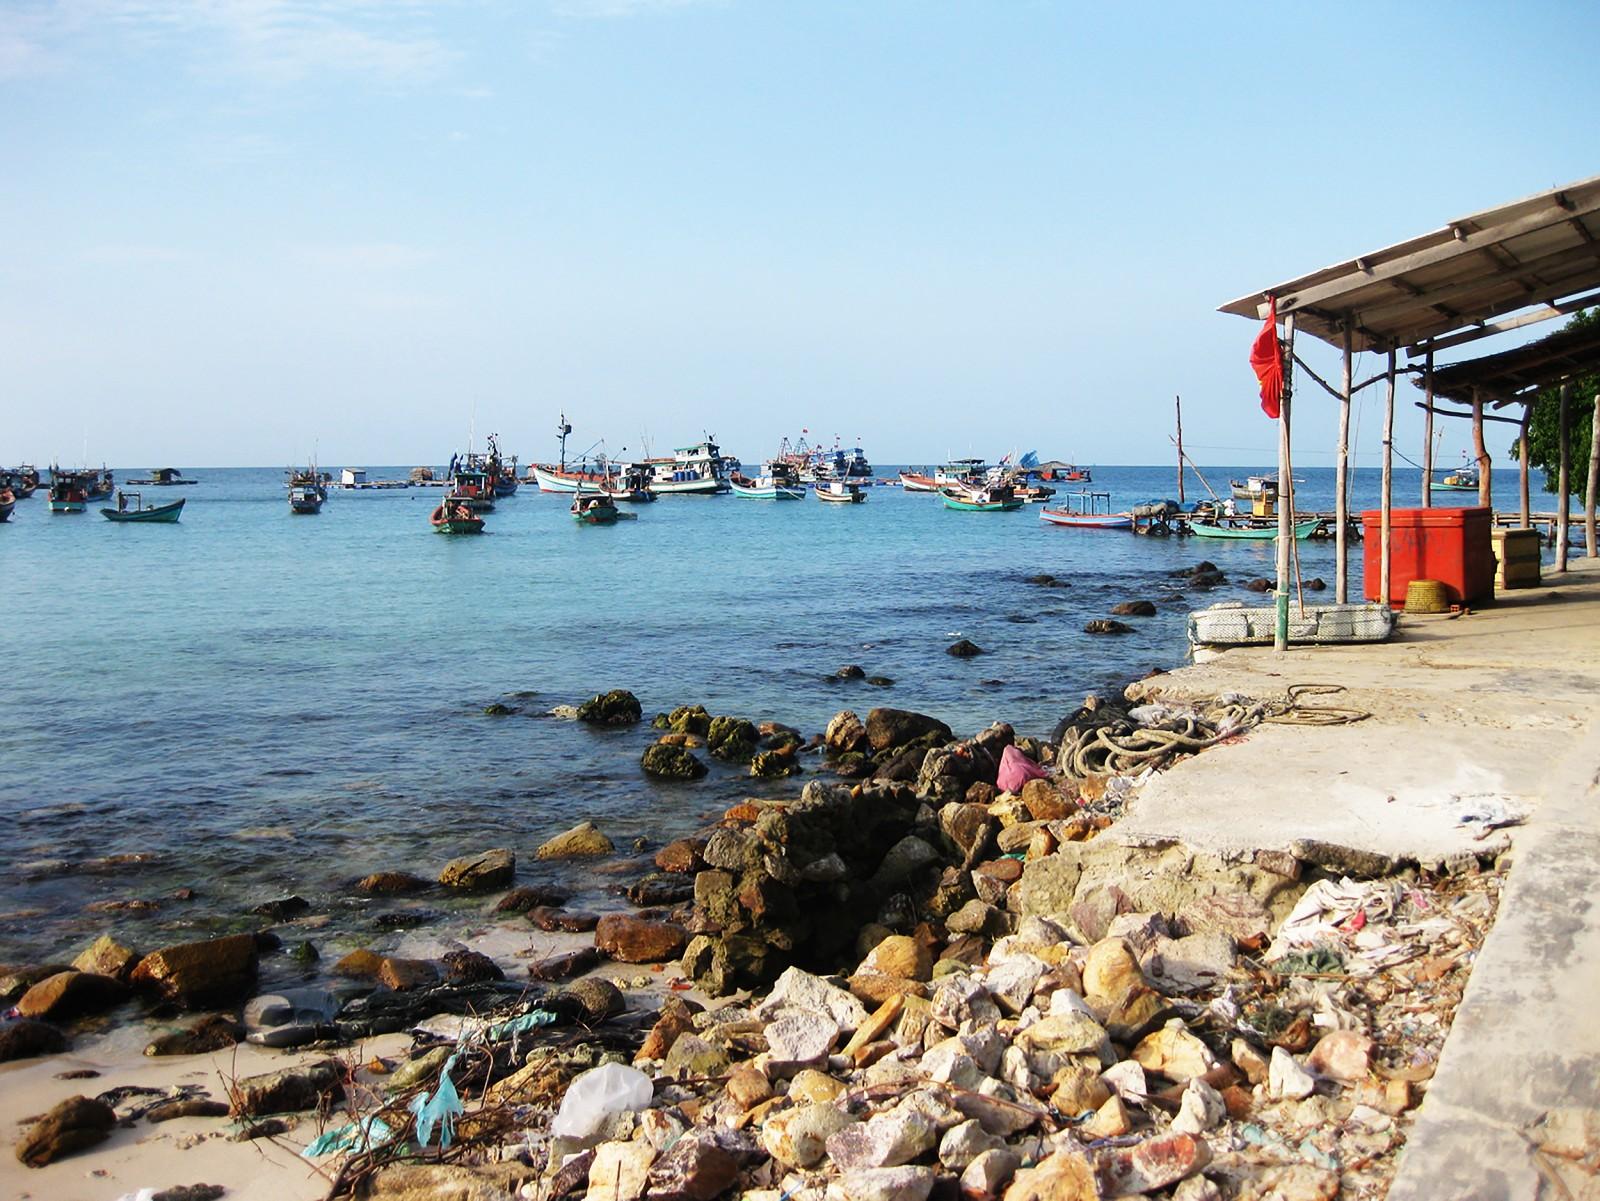 Bãi Nam - hòn Mấu, nơi có nhiều tàu bè neo đậu.